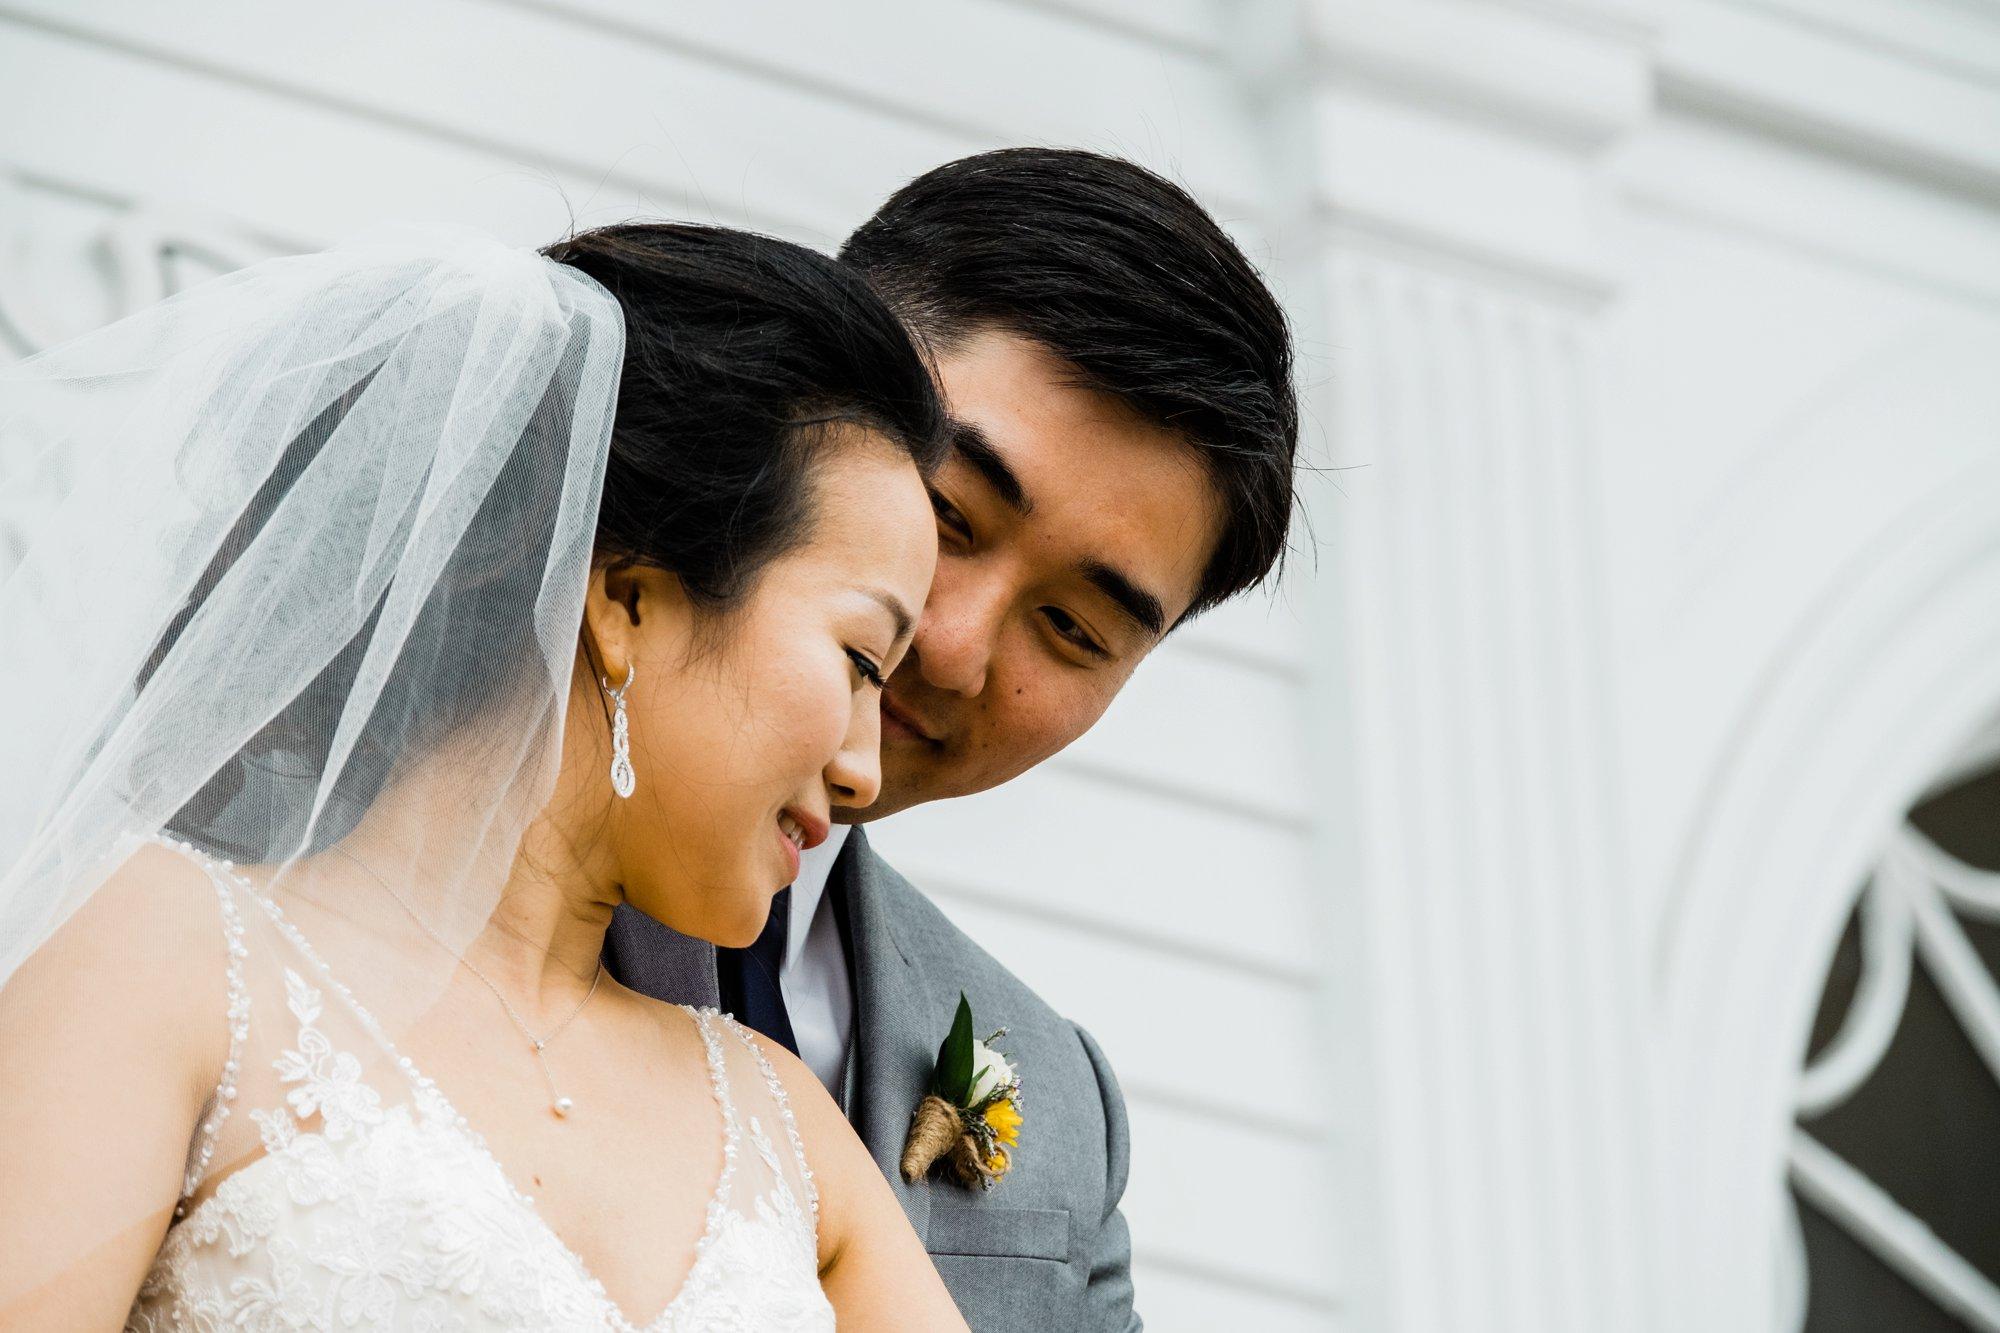 fairfax-dc-wedding-old-city-hall_0084.jpg